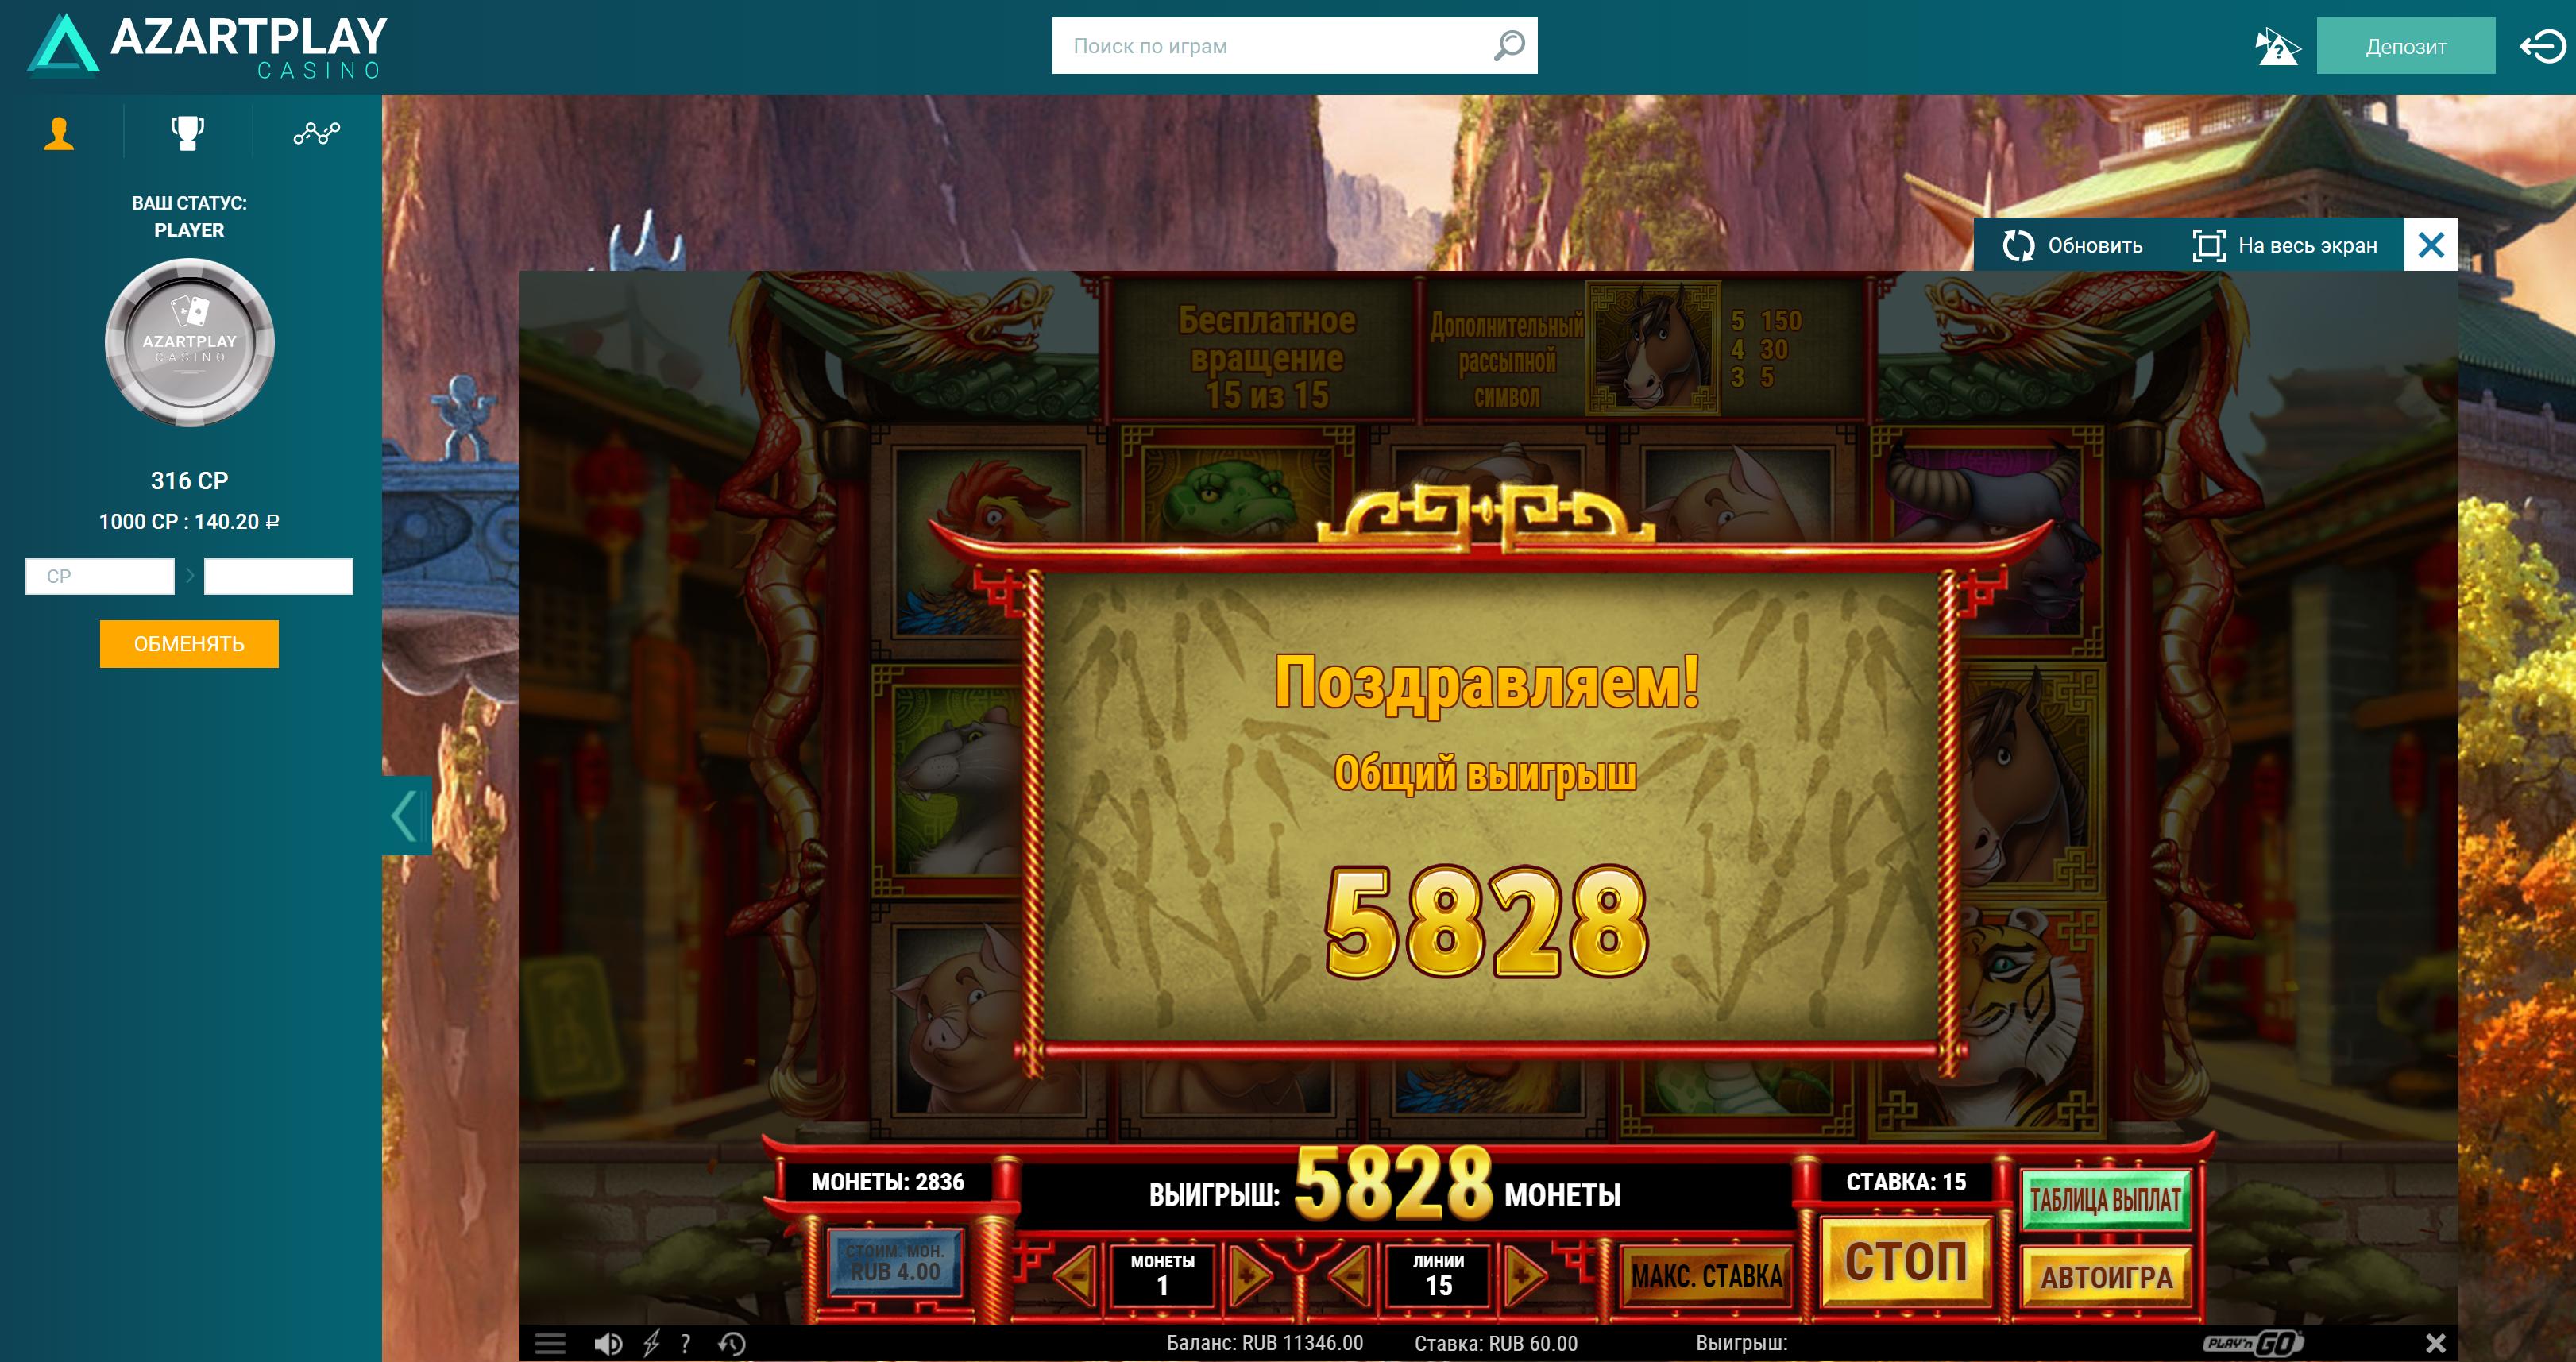 Игры интернет казино АзартПлей